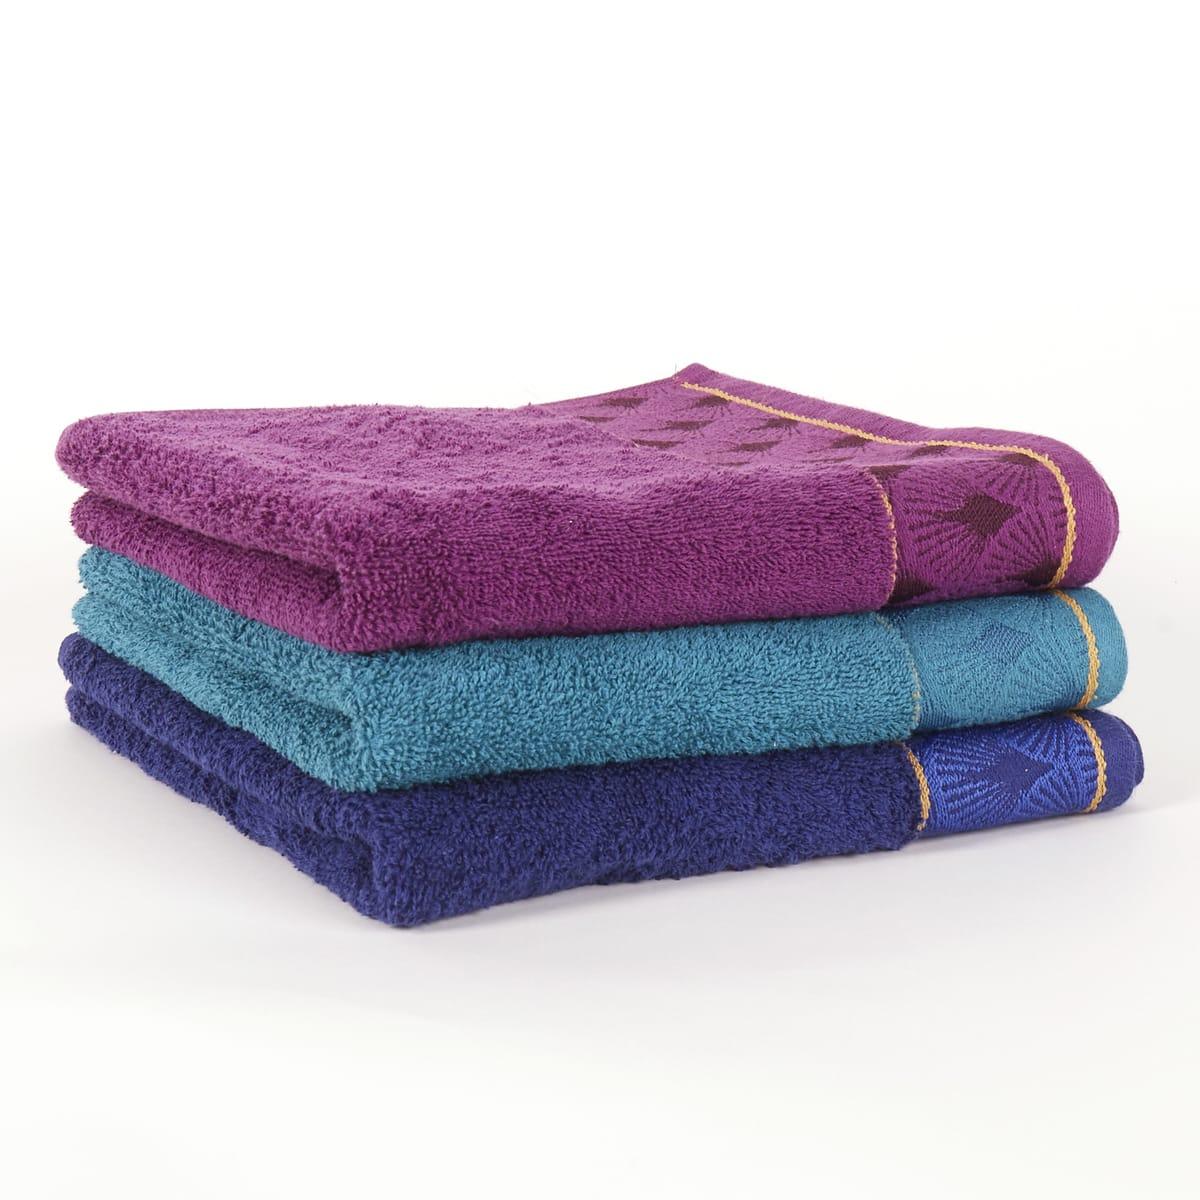 Drap de bain Actuel Jacquard Design - en coton, 70x140 cm, différents coloris